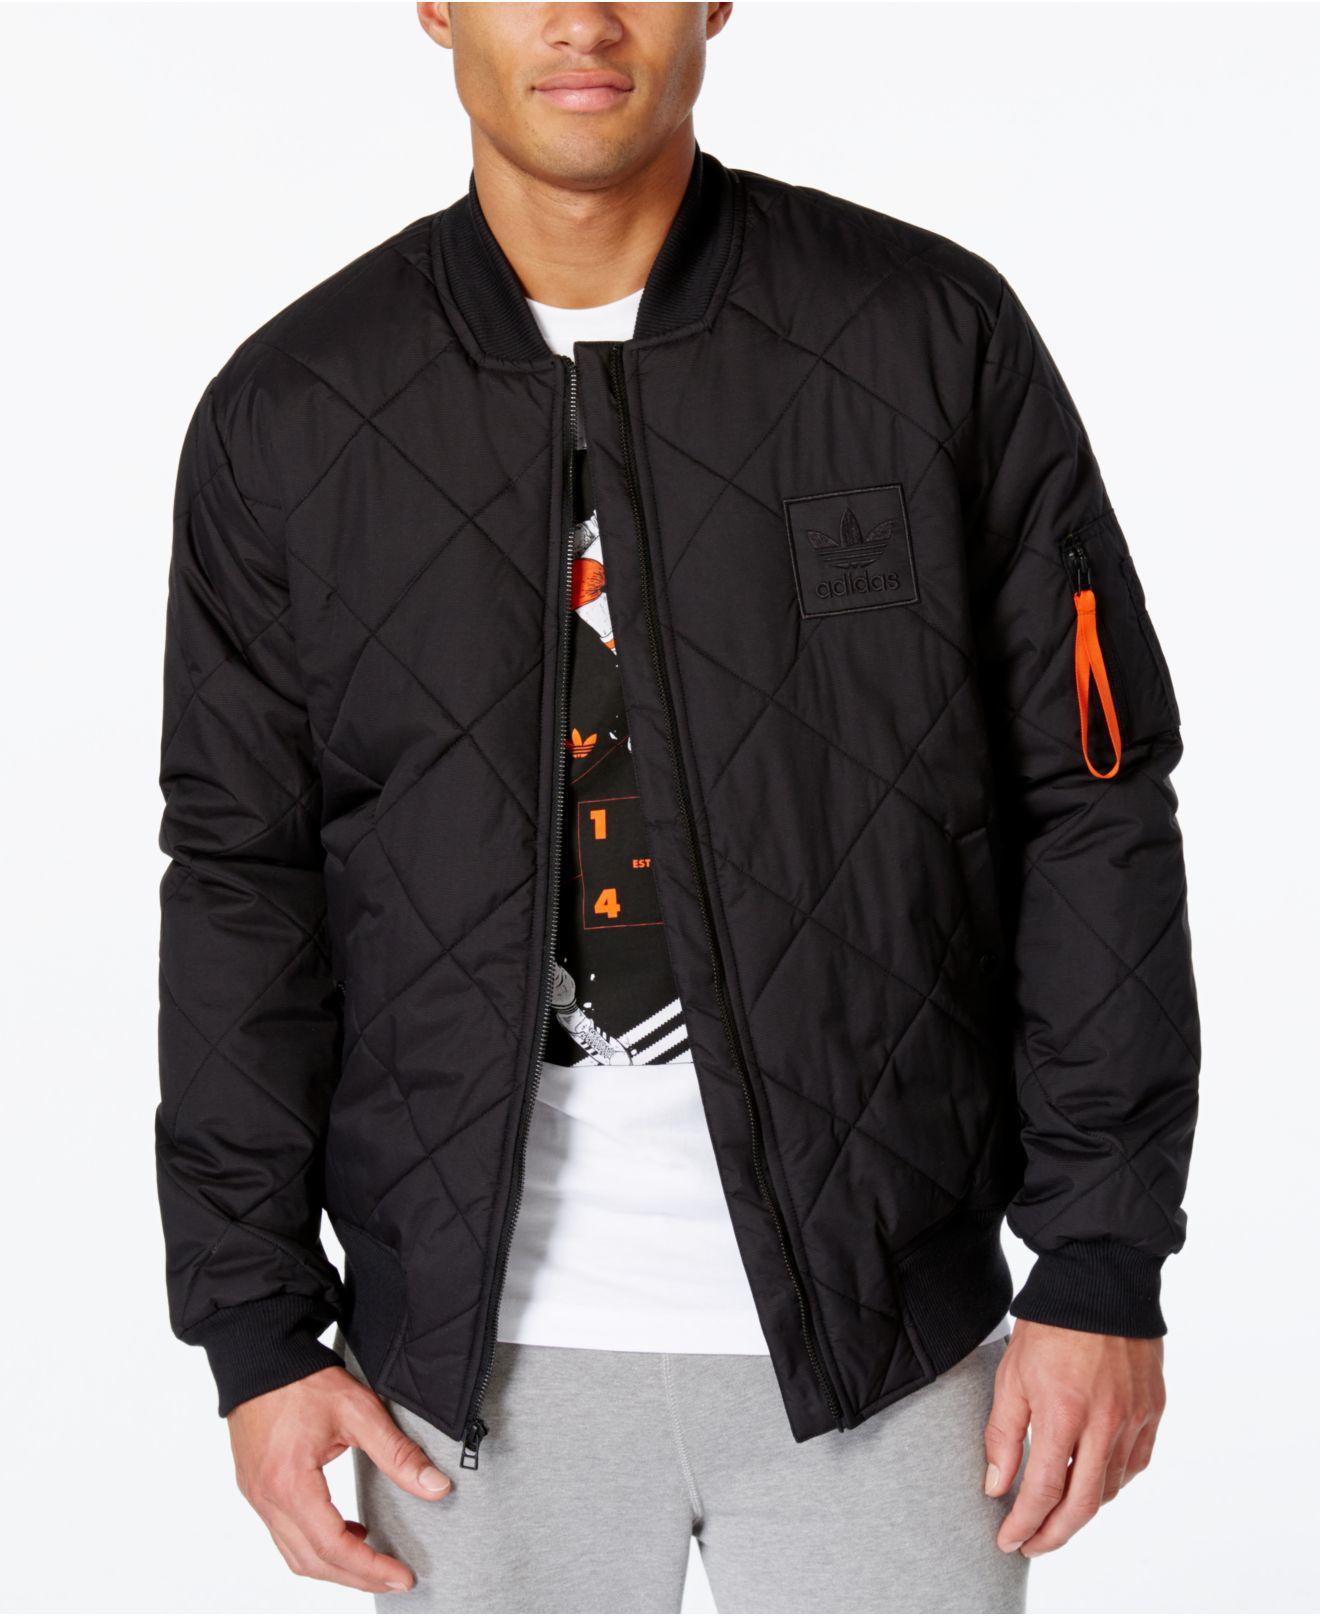 Adidas Originals Mens Superstar Bomber Jacket